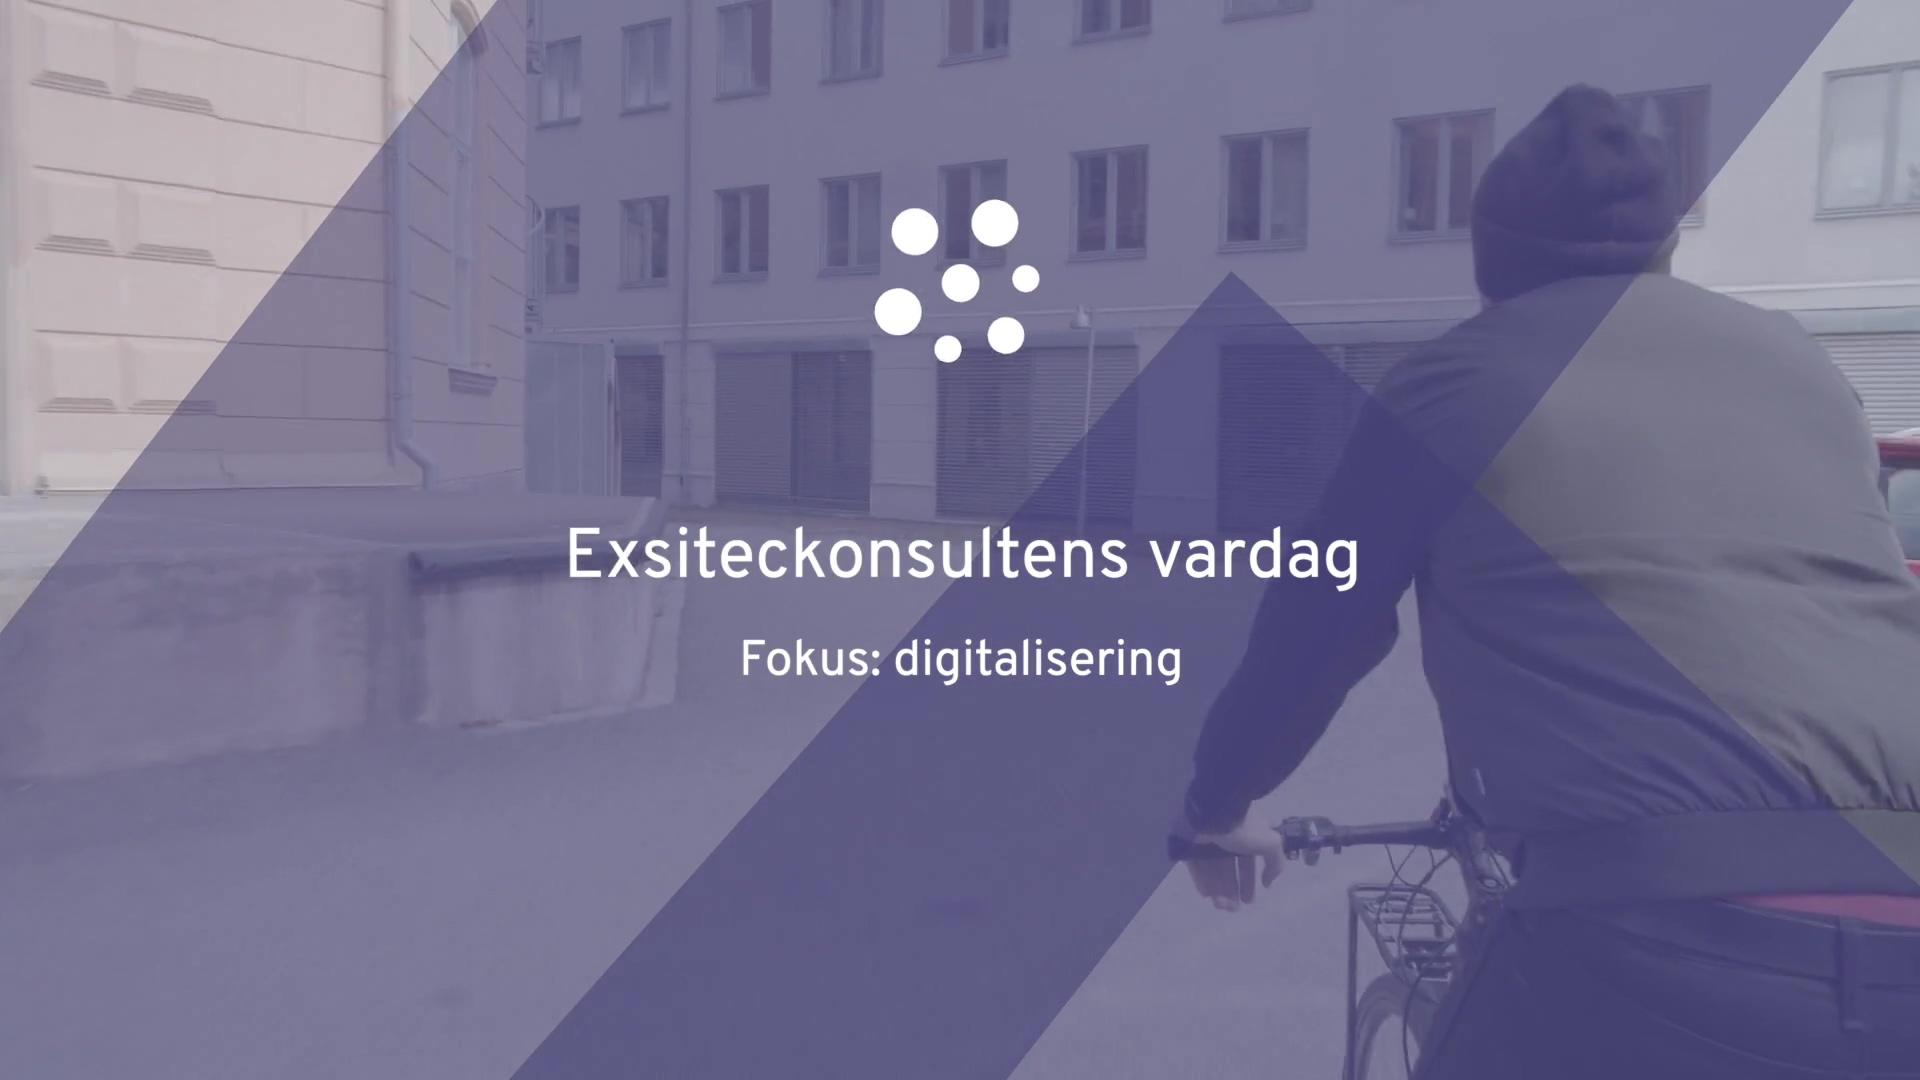 Exsiteckonsultens-vardag-digitalisering